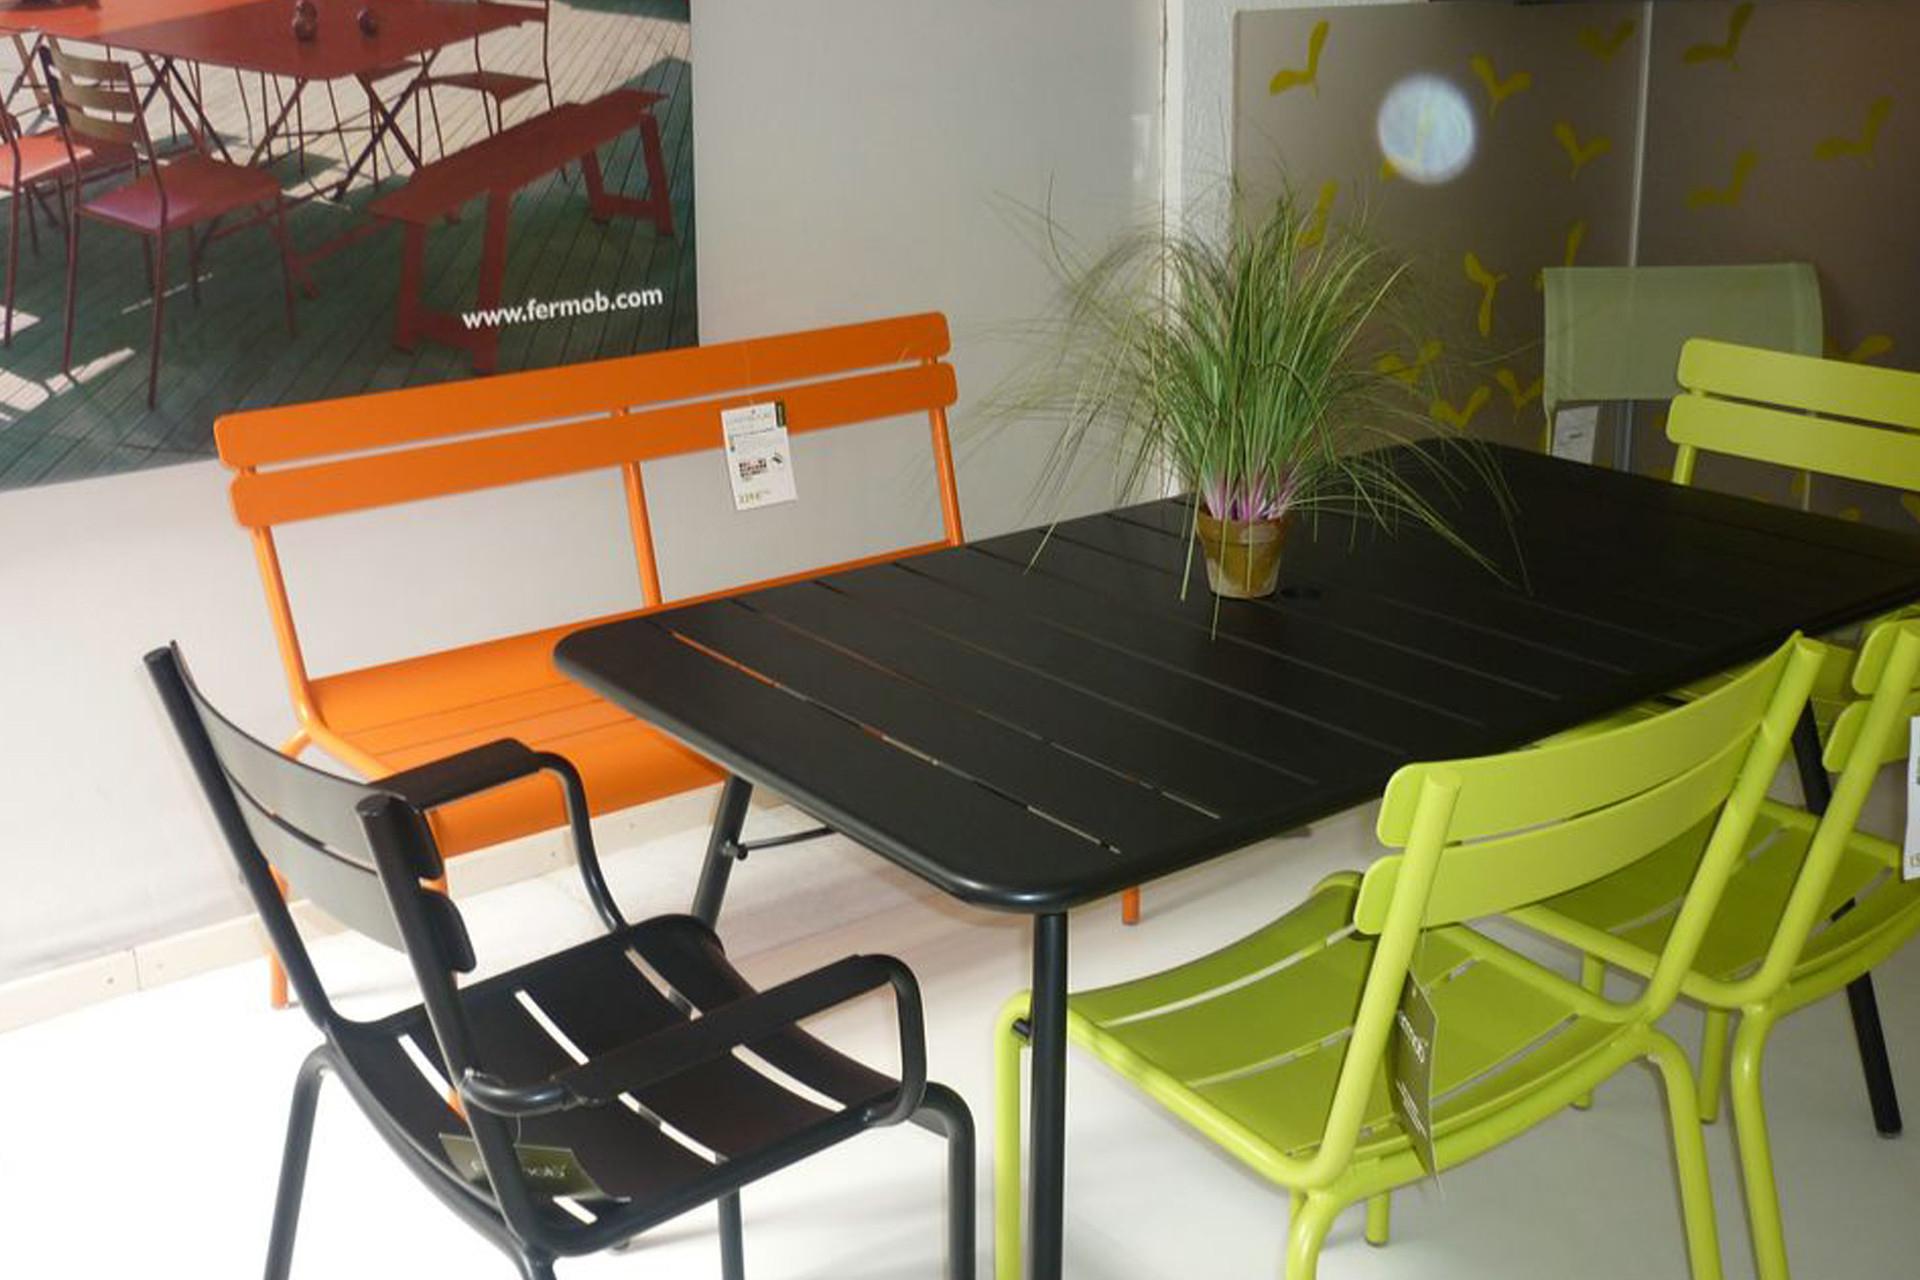 Camif Table Basse Élégant Collection Table De Jardin Fermob Aussi Le Plus Grand Meilleur De De Camif